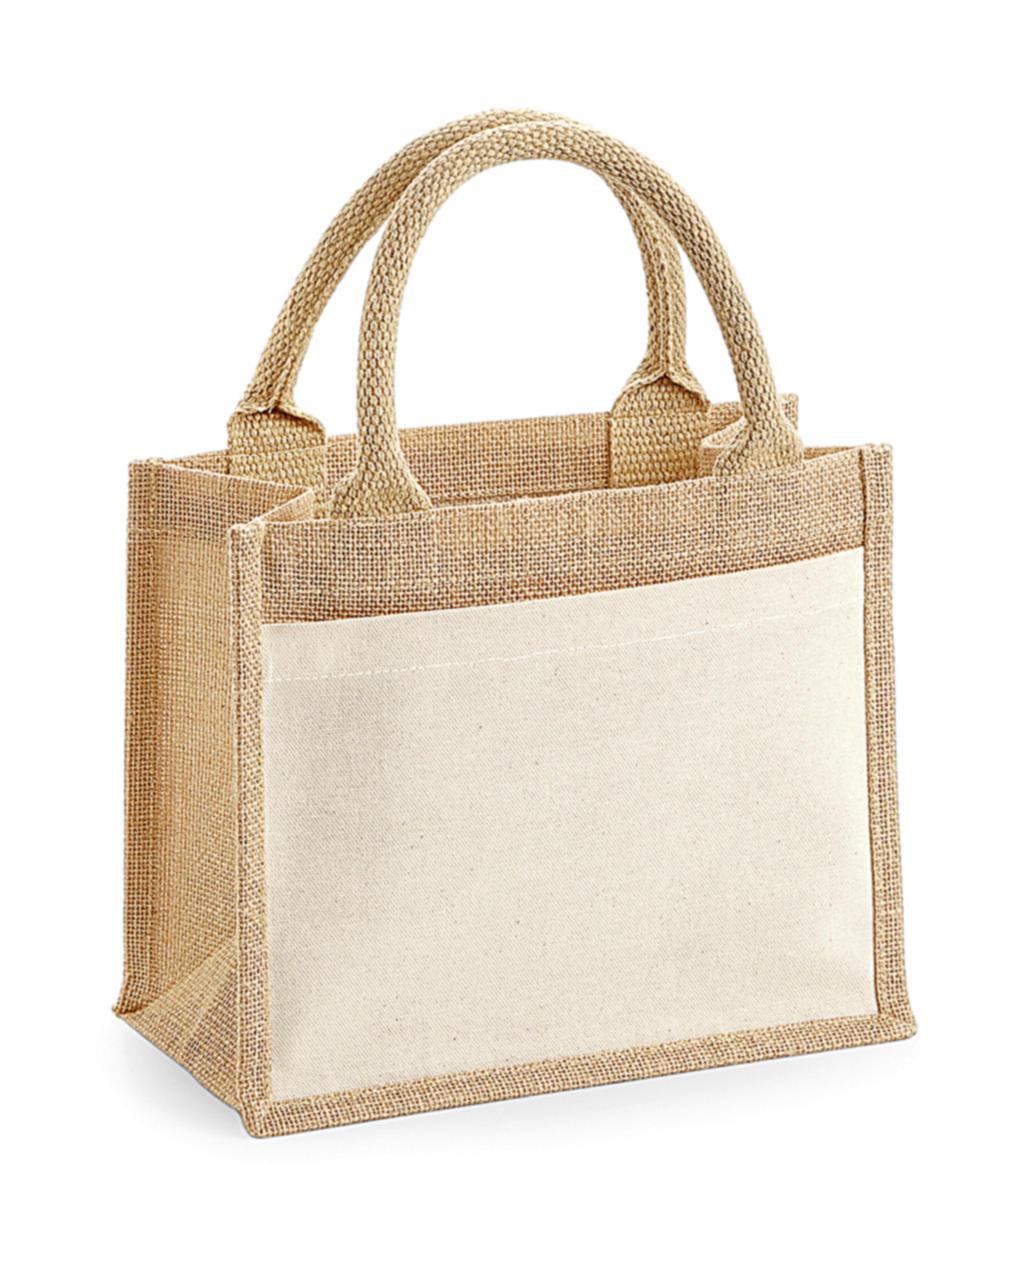 Bavlnìná taška s kapsou z juty Gift - zvìtšit obrázek